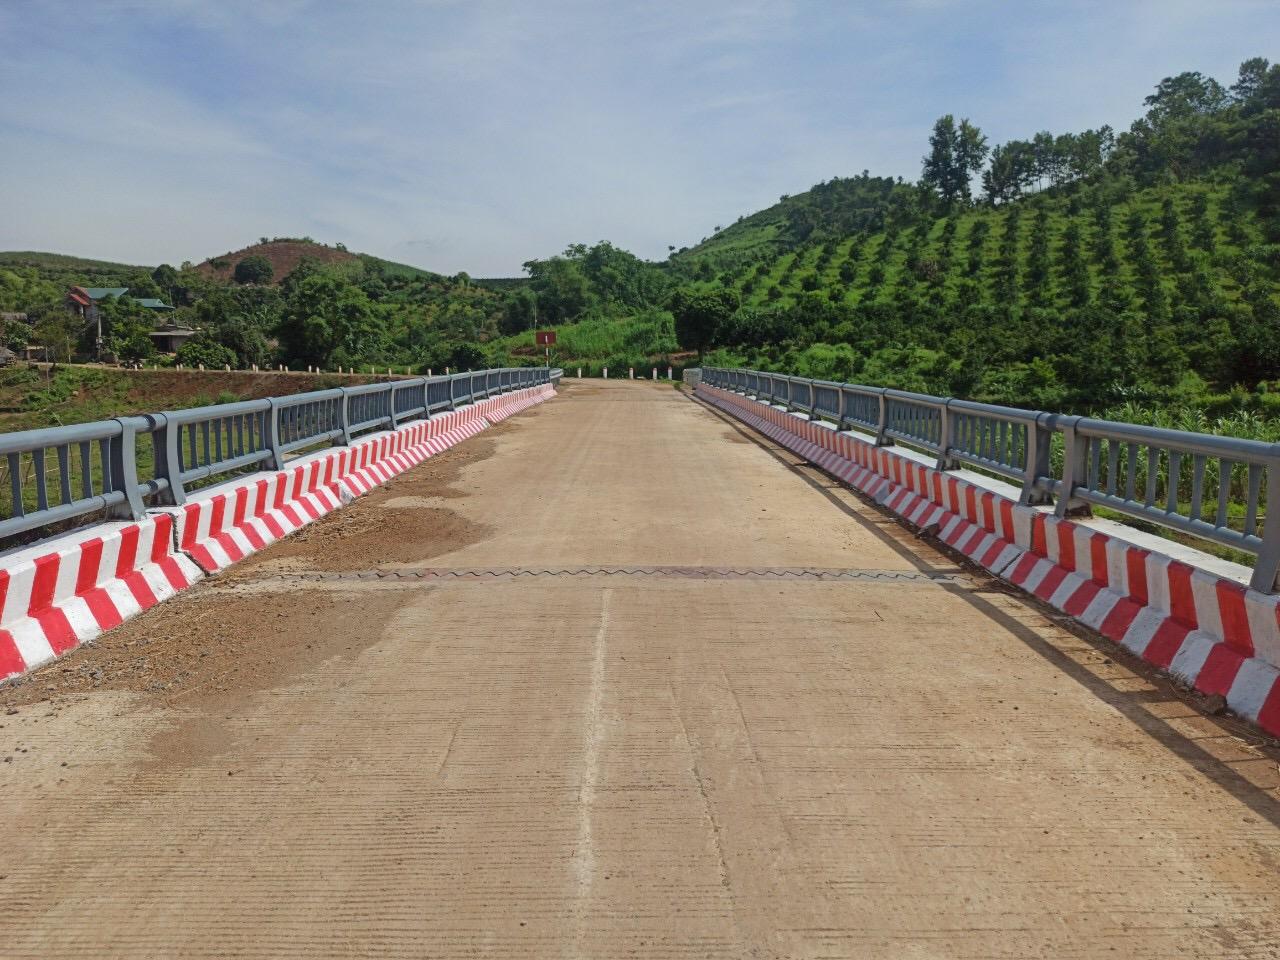 Cao Phong -Hòa Bình: Đầu tư xây dựng cơ sở hạ tầng, phát triển giao thông nông thôn tạo động lực thúc đẩy phát triển kinh tế  - ảnh 1